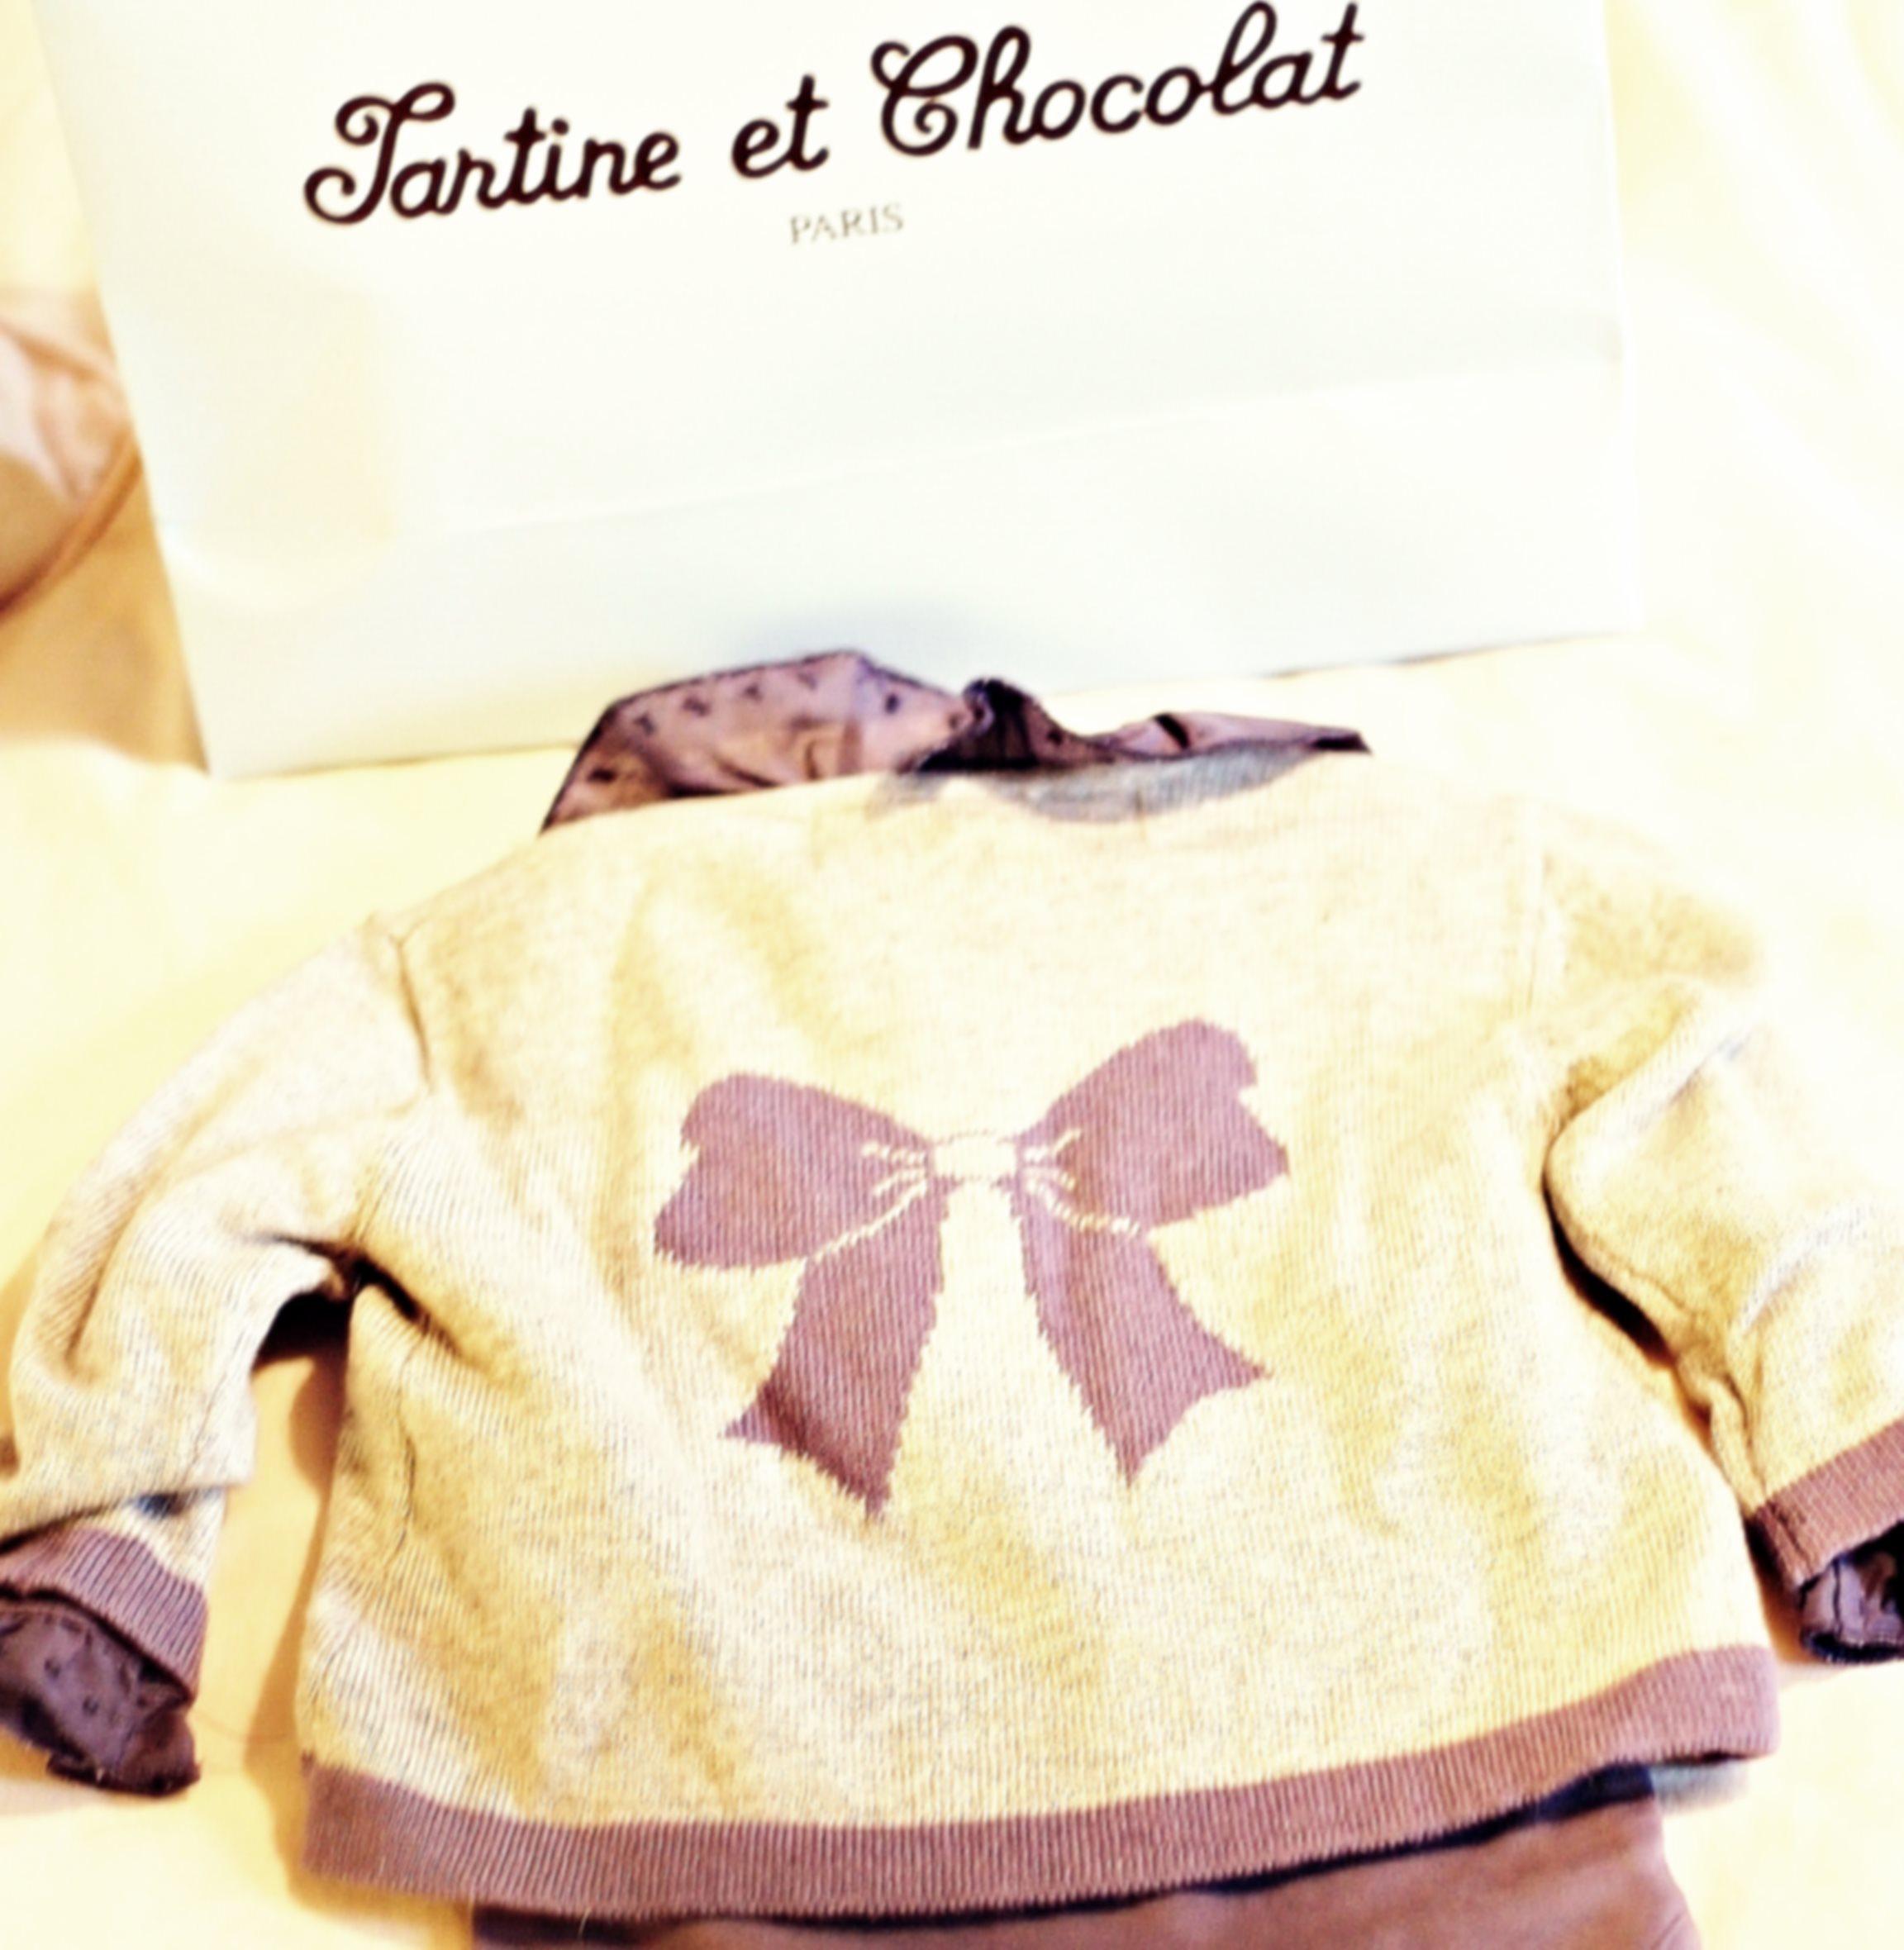 tartine-et-chocolat-gilet-blog-enfant-maman-reveuse-com-blog-maternité